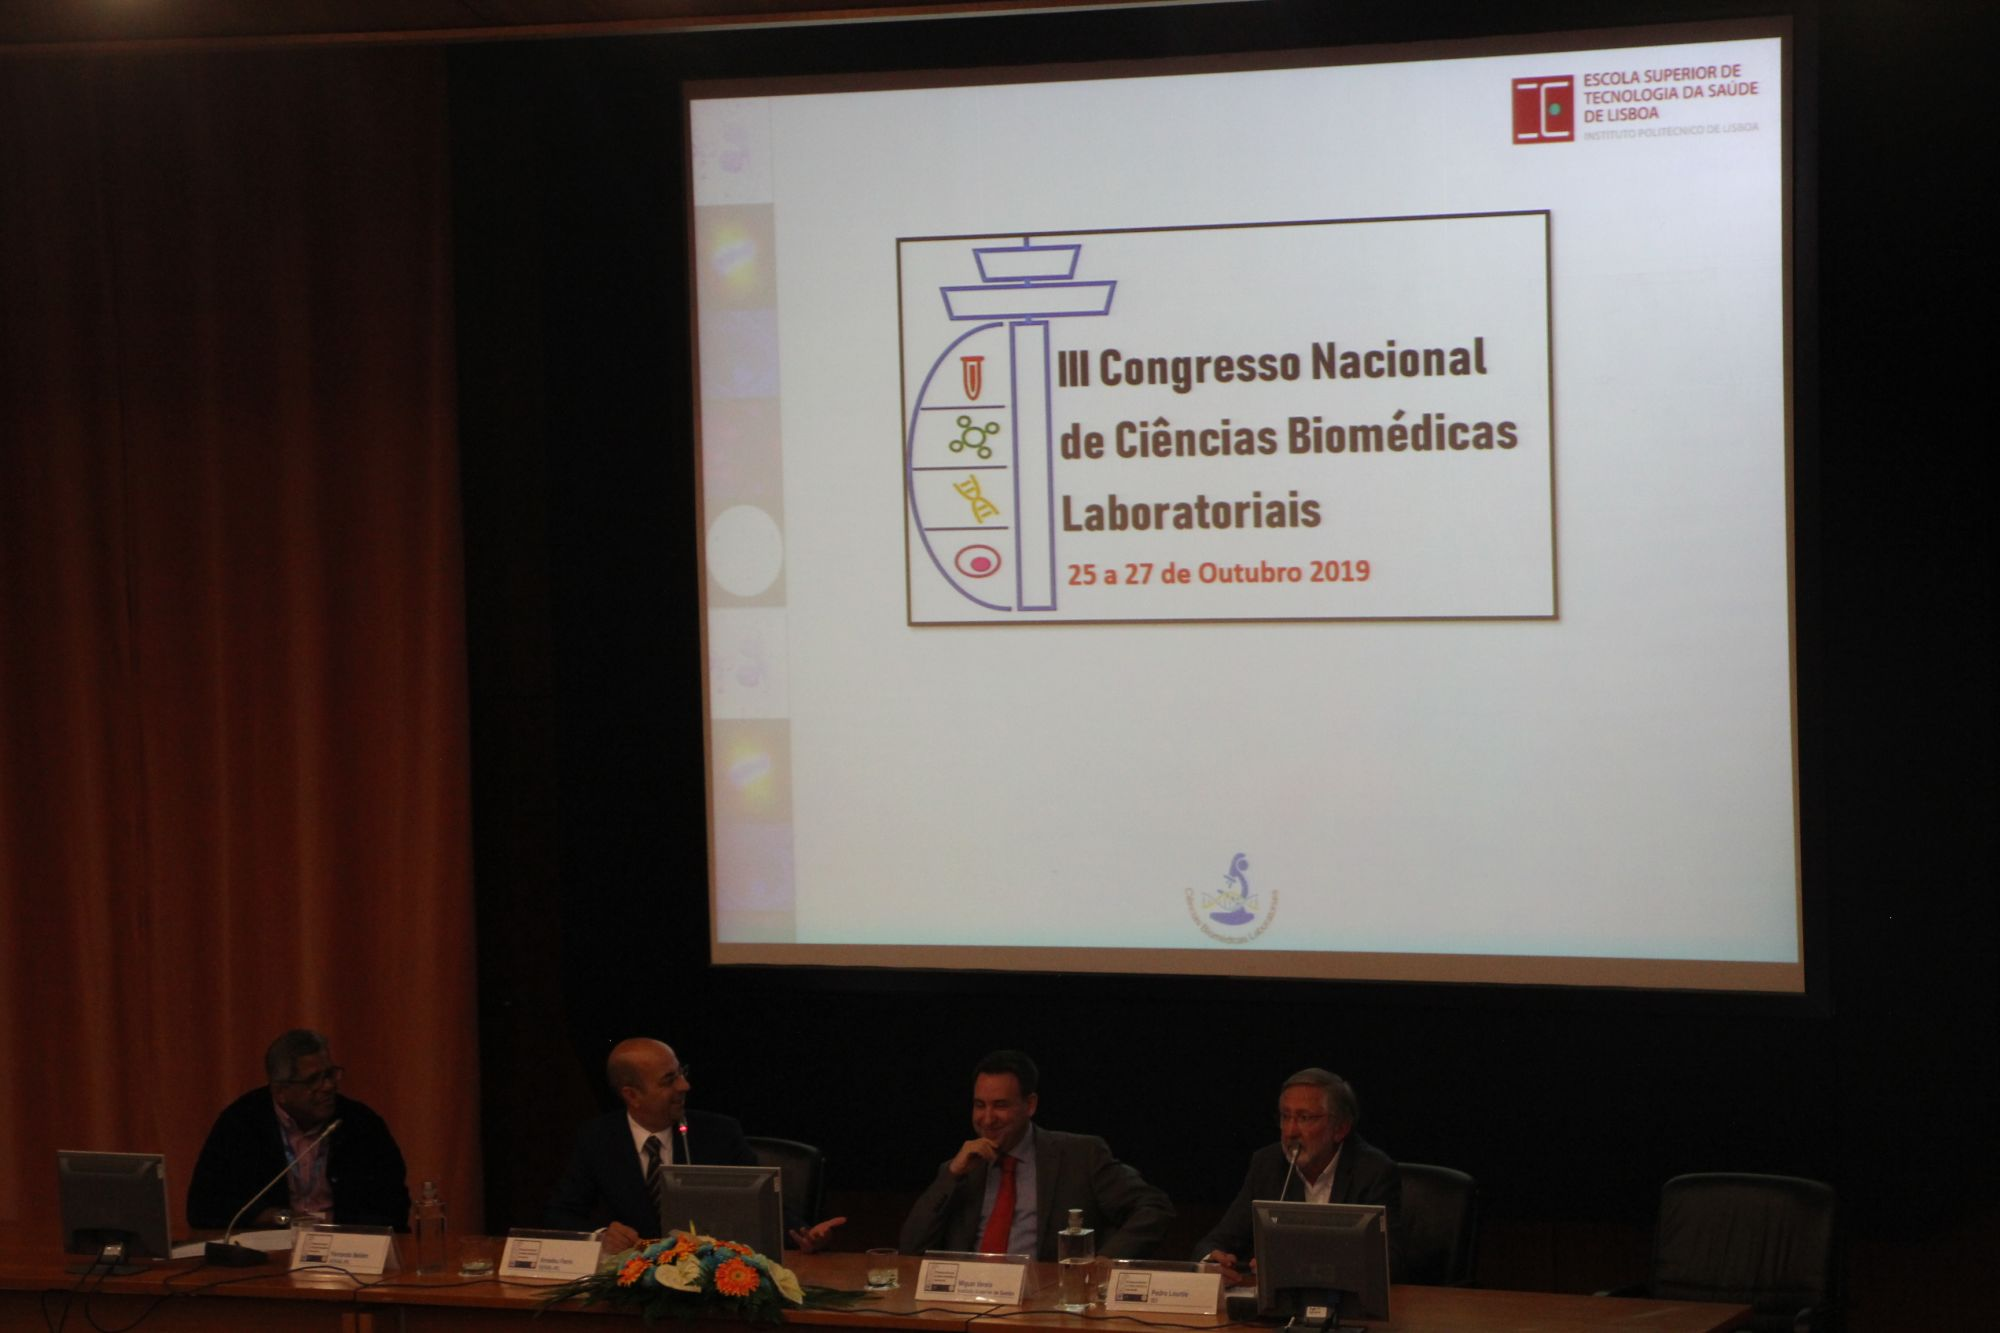 Diretor do ISG Convidado no III Congresso de Ciências Biomédicas do IPL